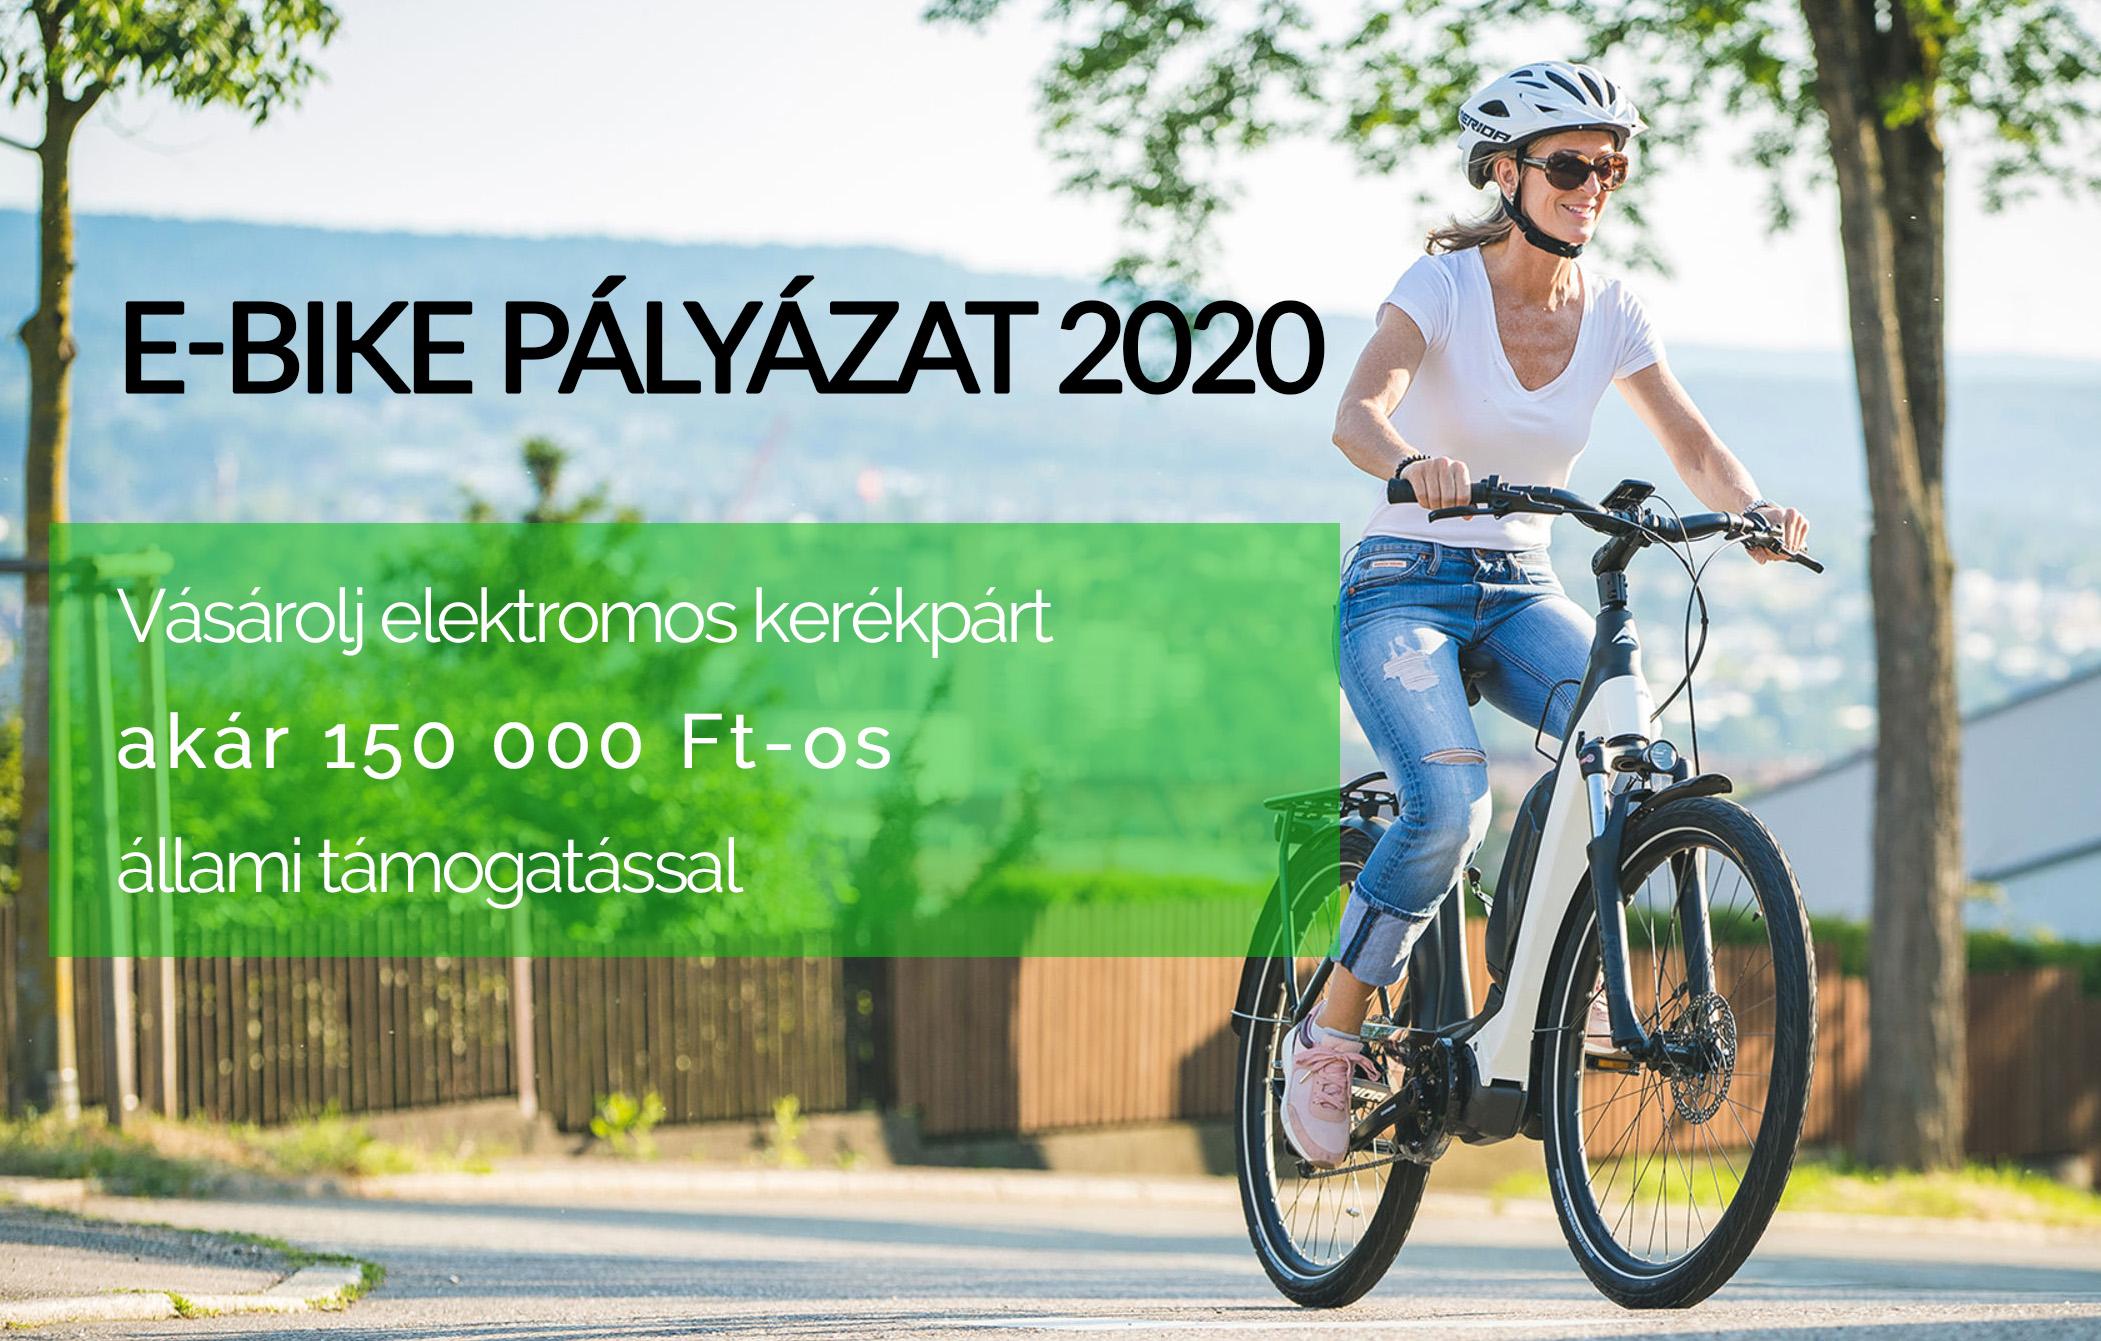 E-bike Pályázat 2020